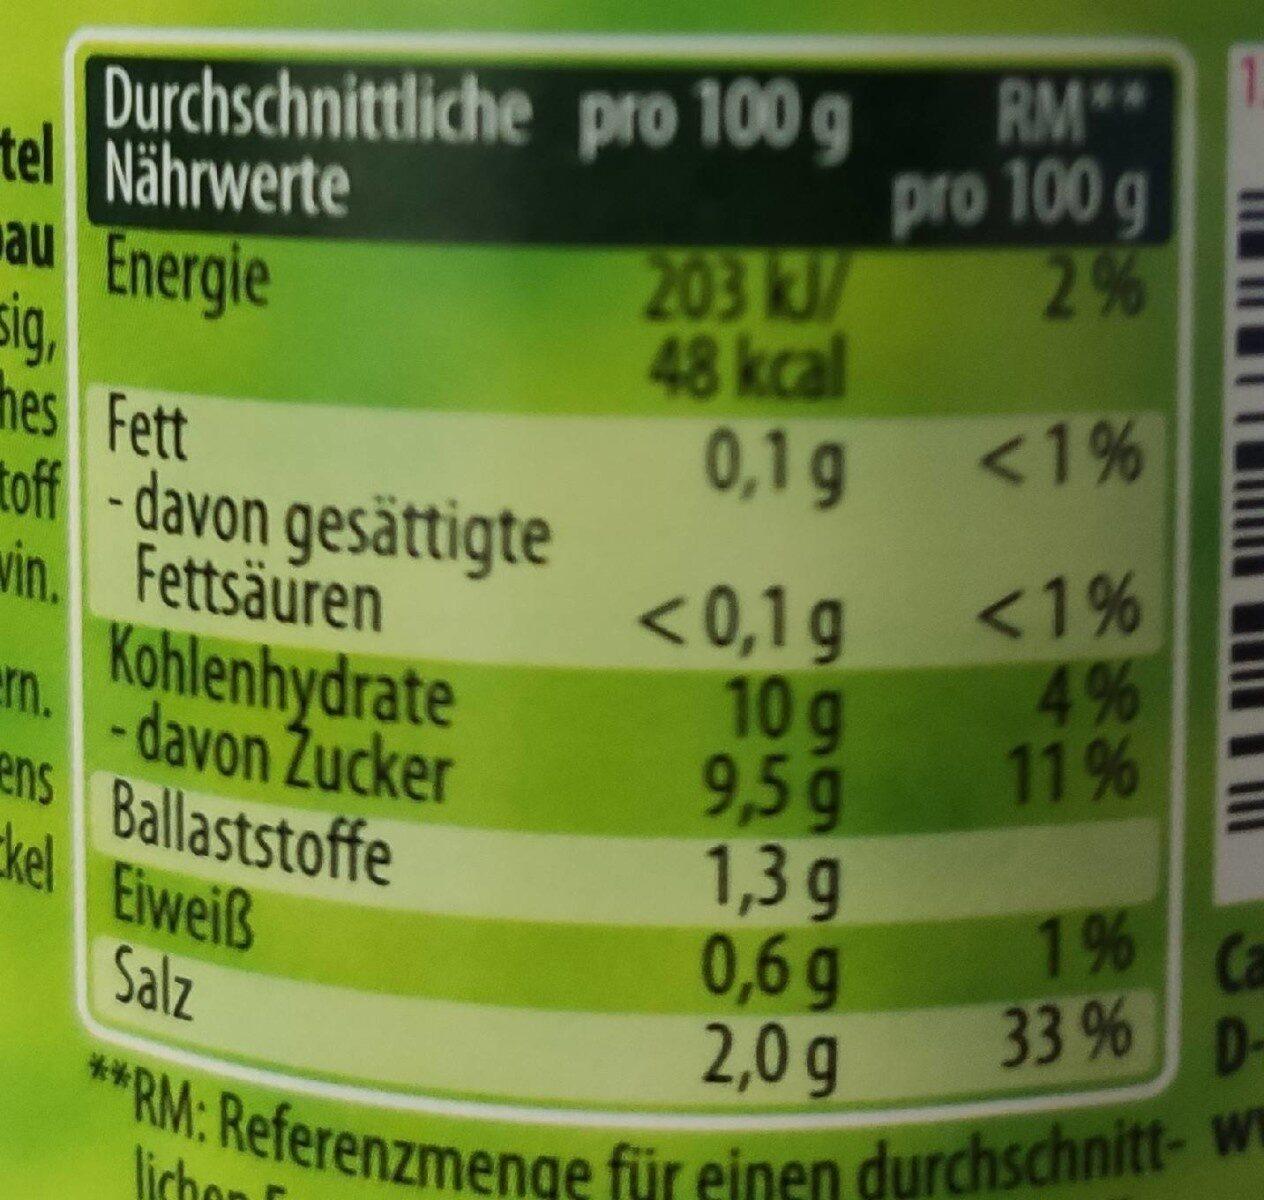 Gurken viertel würzig-süß mit feiner Kurkumanote - Nutrition facts - de